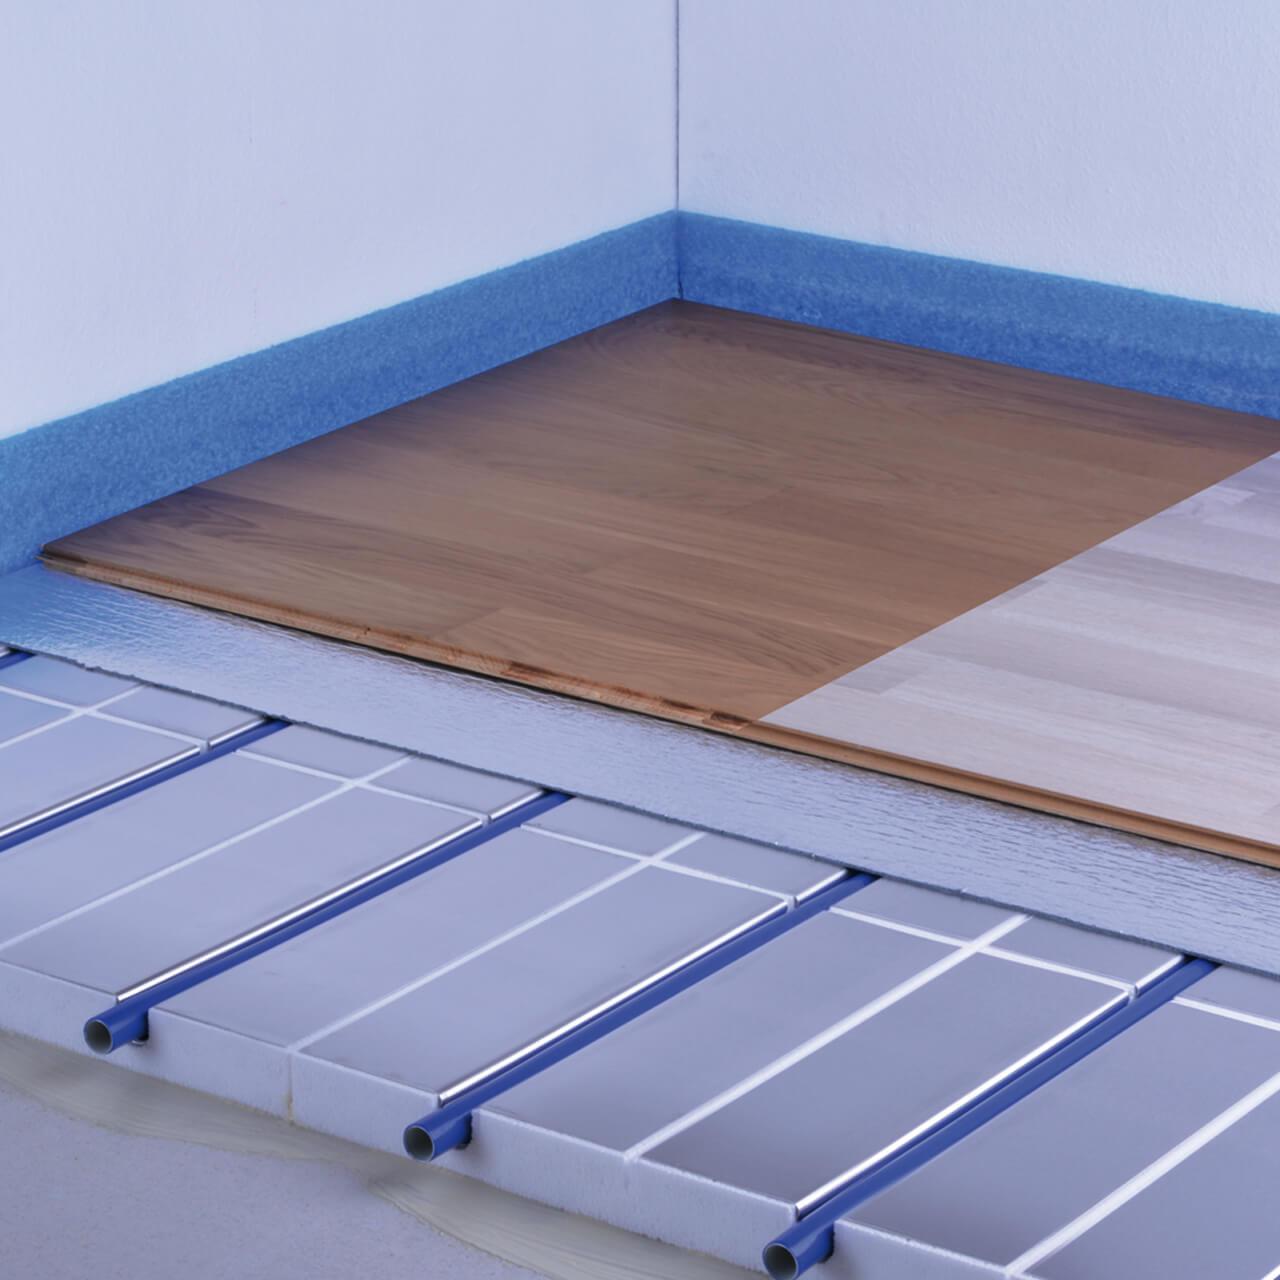 erweiterung fußbodenheizung für laminat & fertigparkett